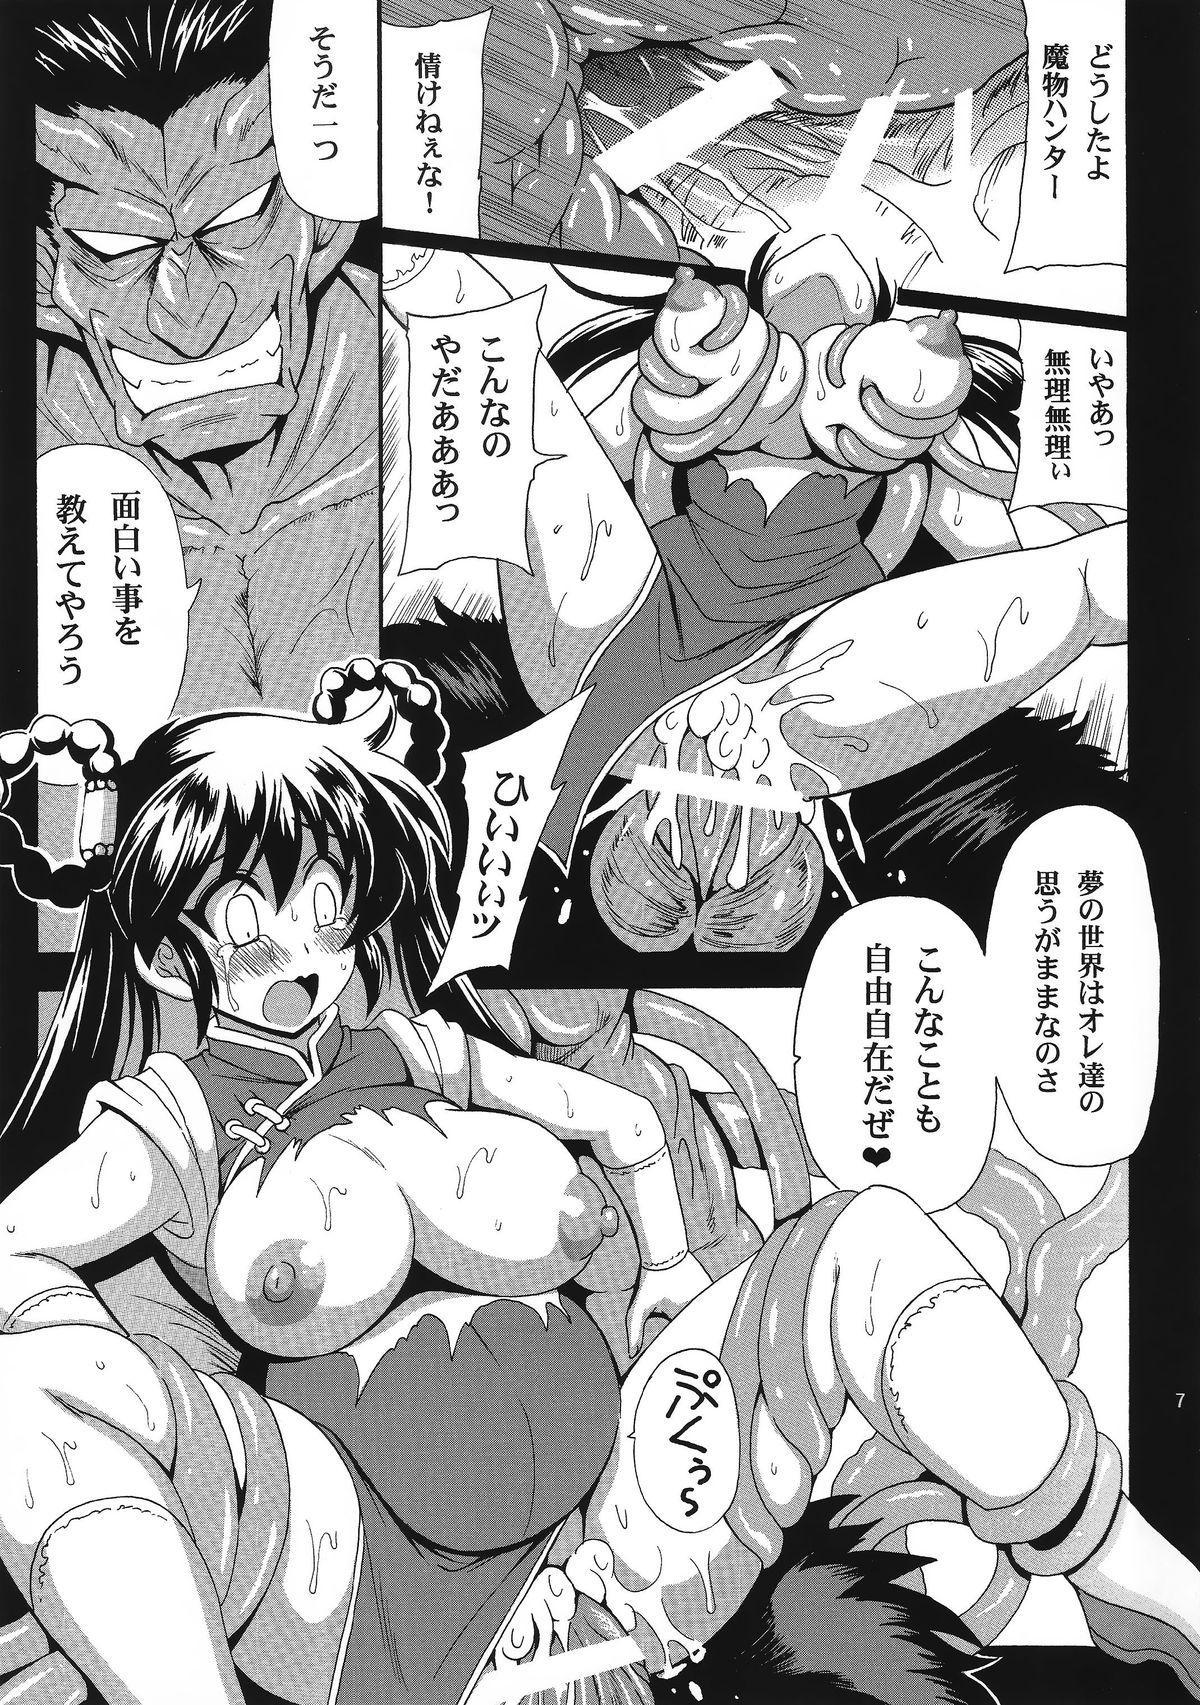 Mamono Hunter Inmu no Shou 7